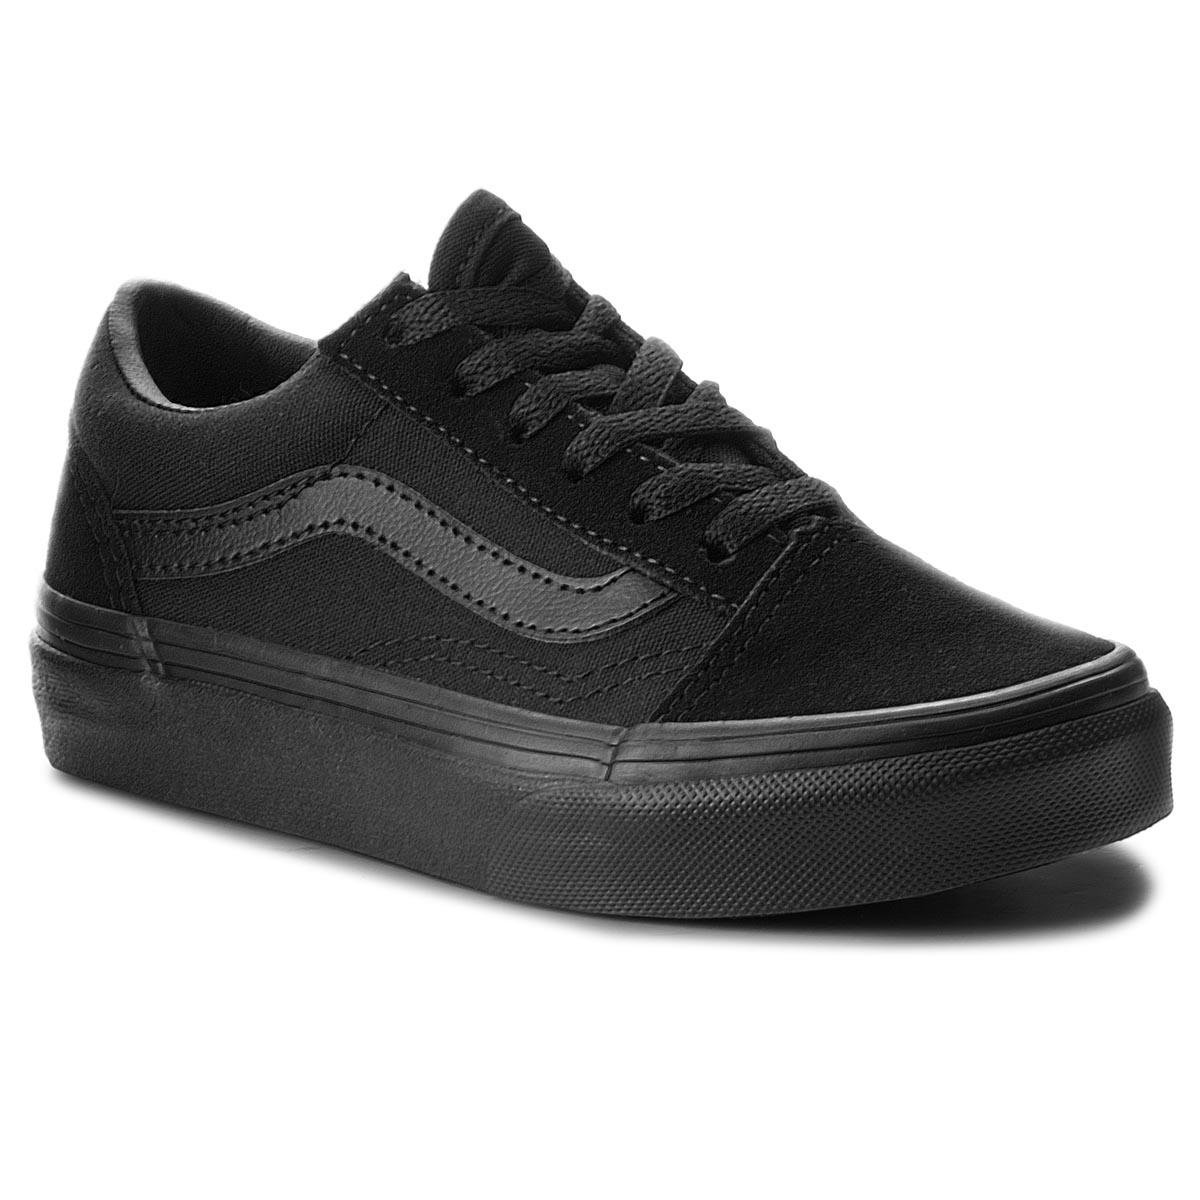 Πάνινα παπούτσια VANS - Old Skool VN000W9TENR Blk Blk - Glami.gr 26b327da7b0